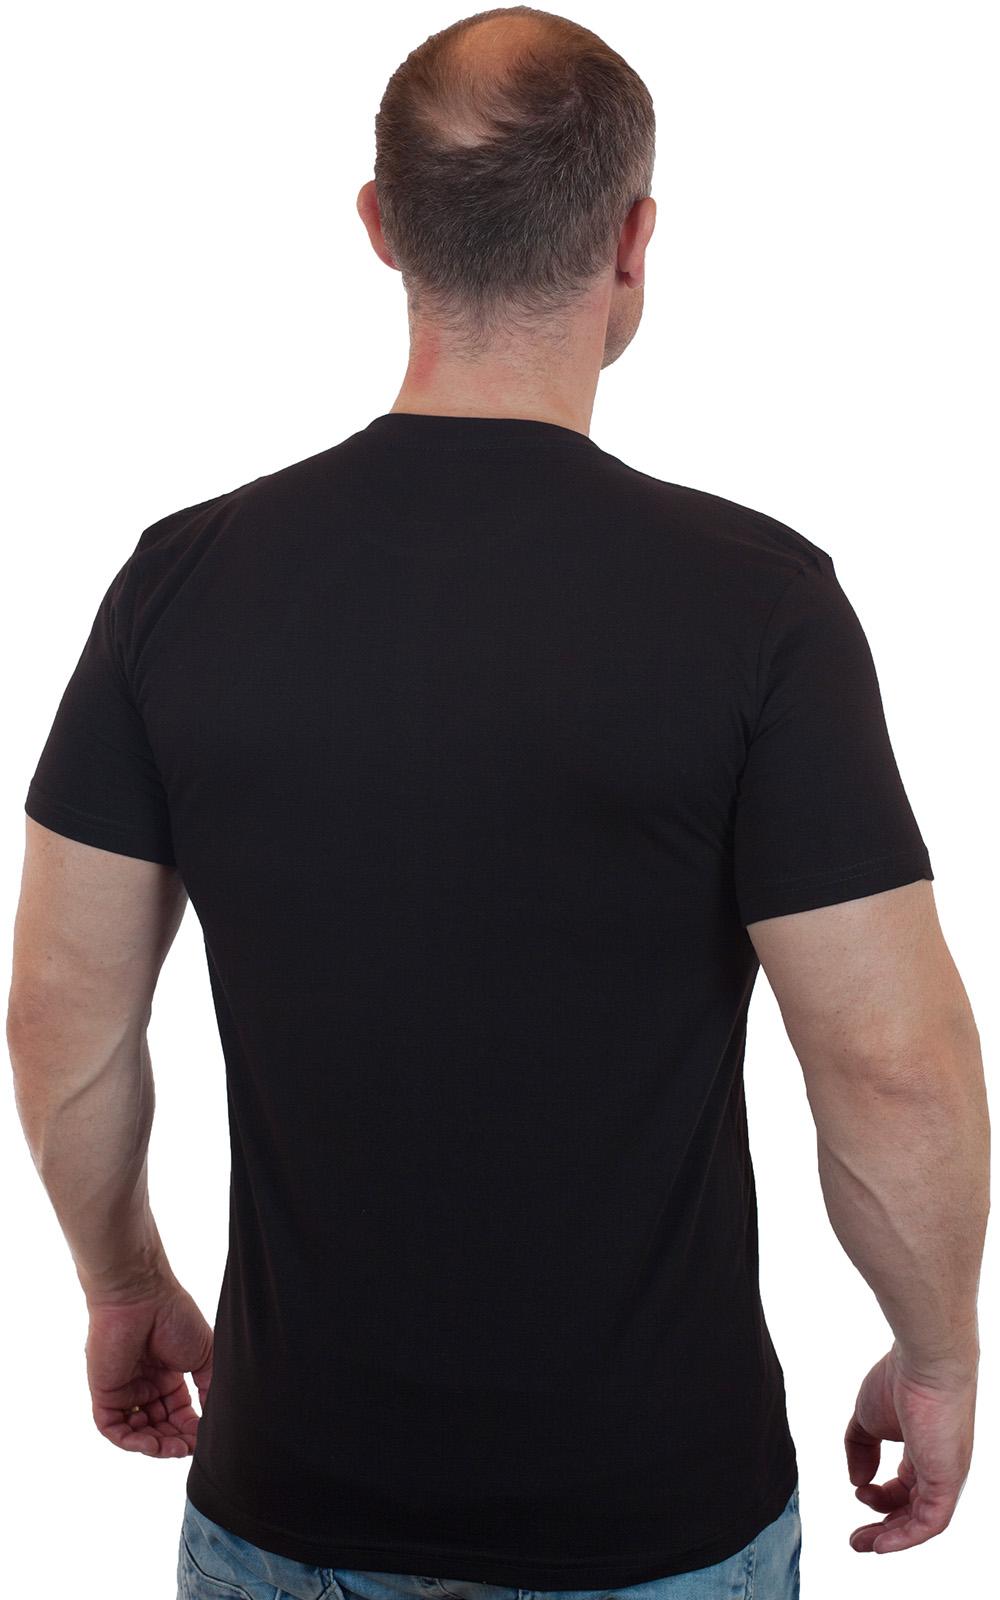 Мужская футболка с гербом России - купить в подарок